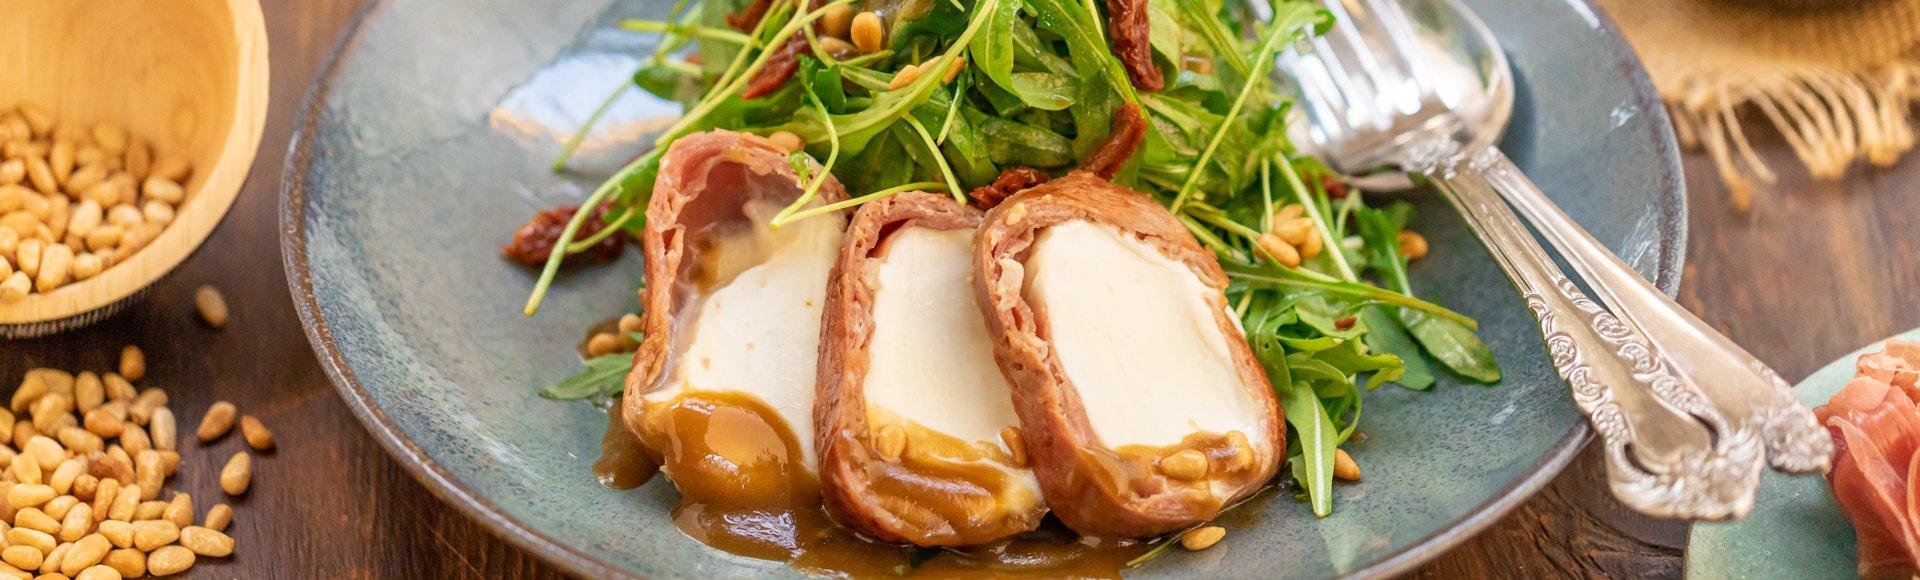 Σαλάτα ρόκα με ψητή μοτσαρέλα τυλιγμένη σε προσούτο